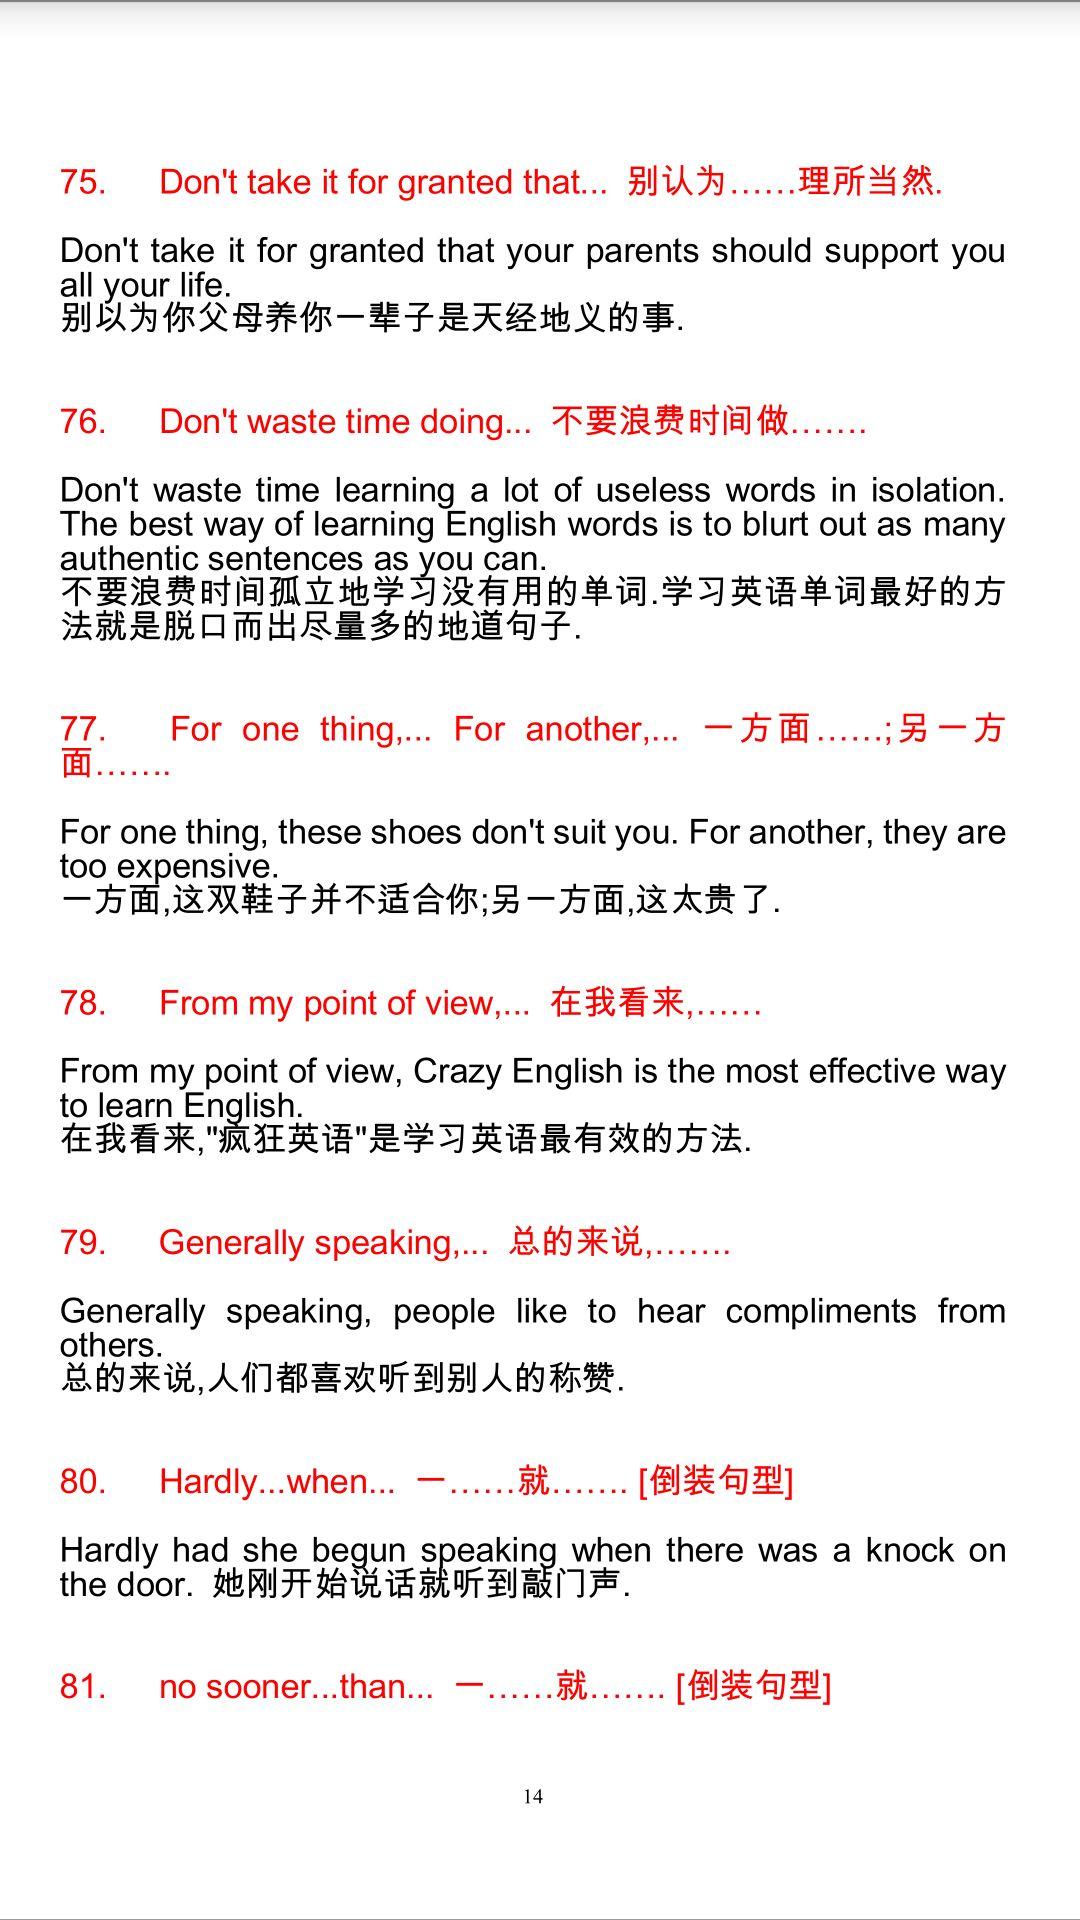 高中英语知识点归纳:高中英语句型常用重点高中美国GouldAcademy图片